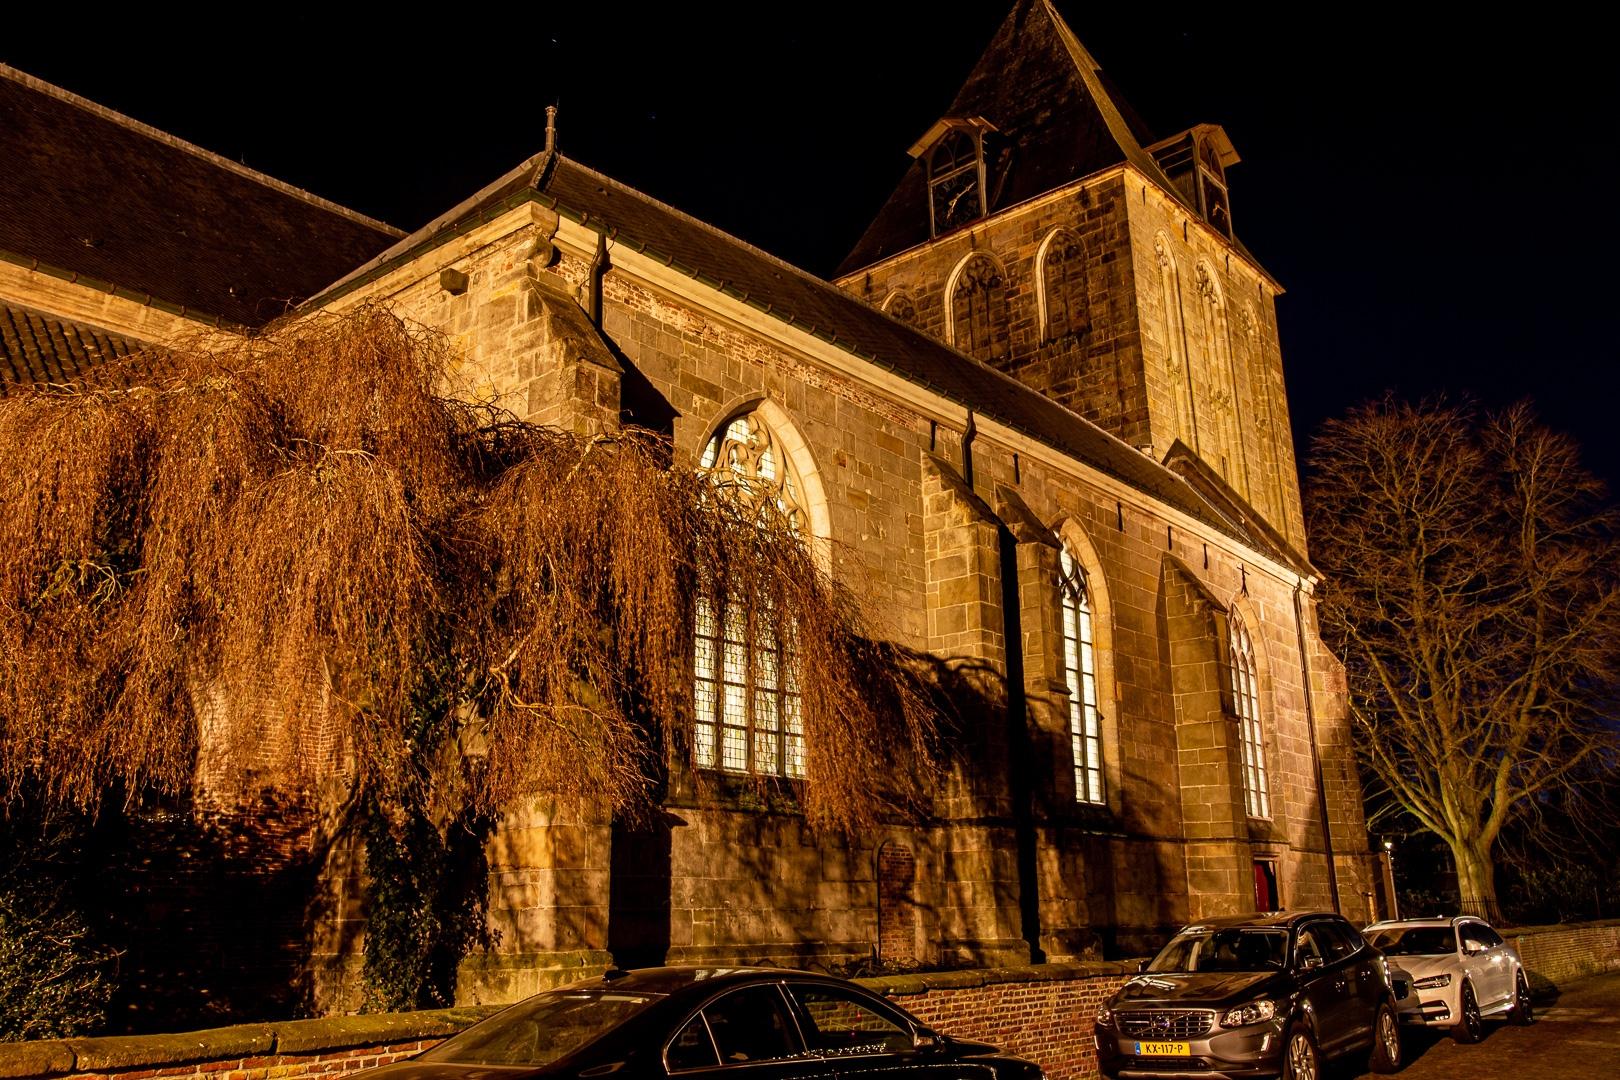 Lednovate Oude Blasius Kerk Delden 3 - Oude Blasisus Kerk